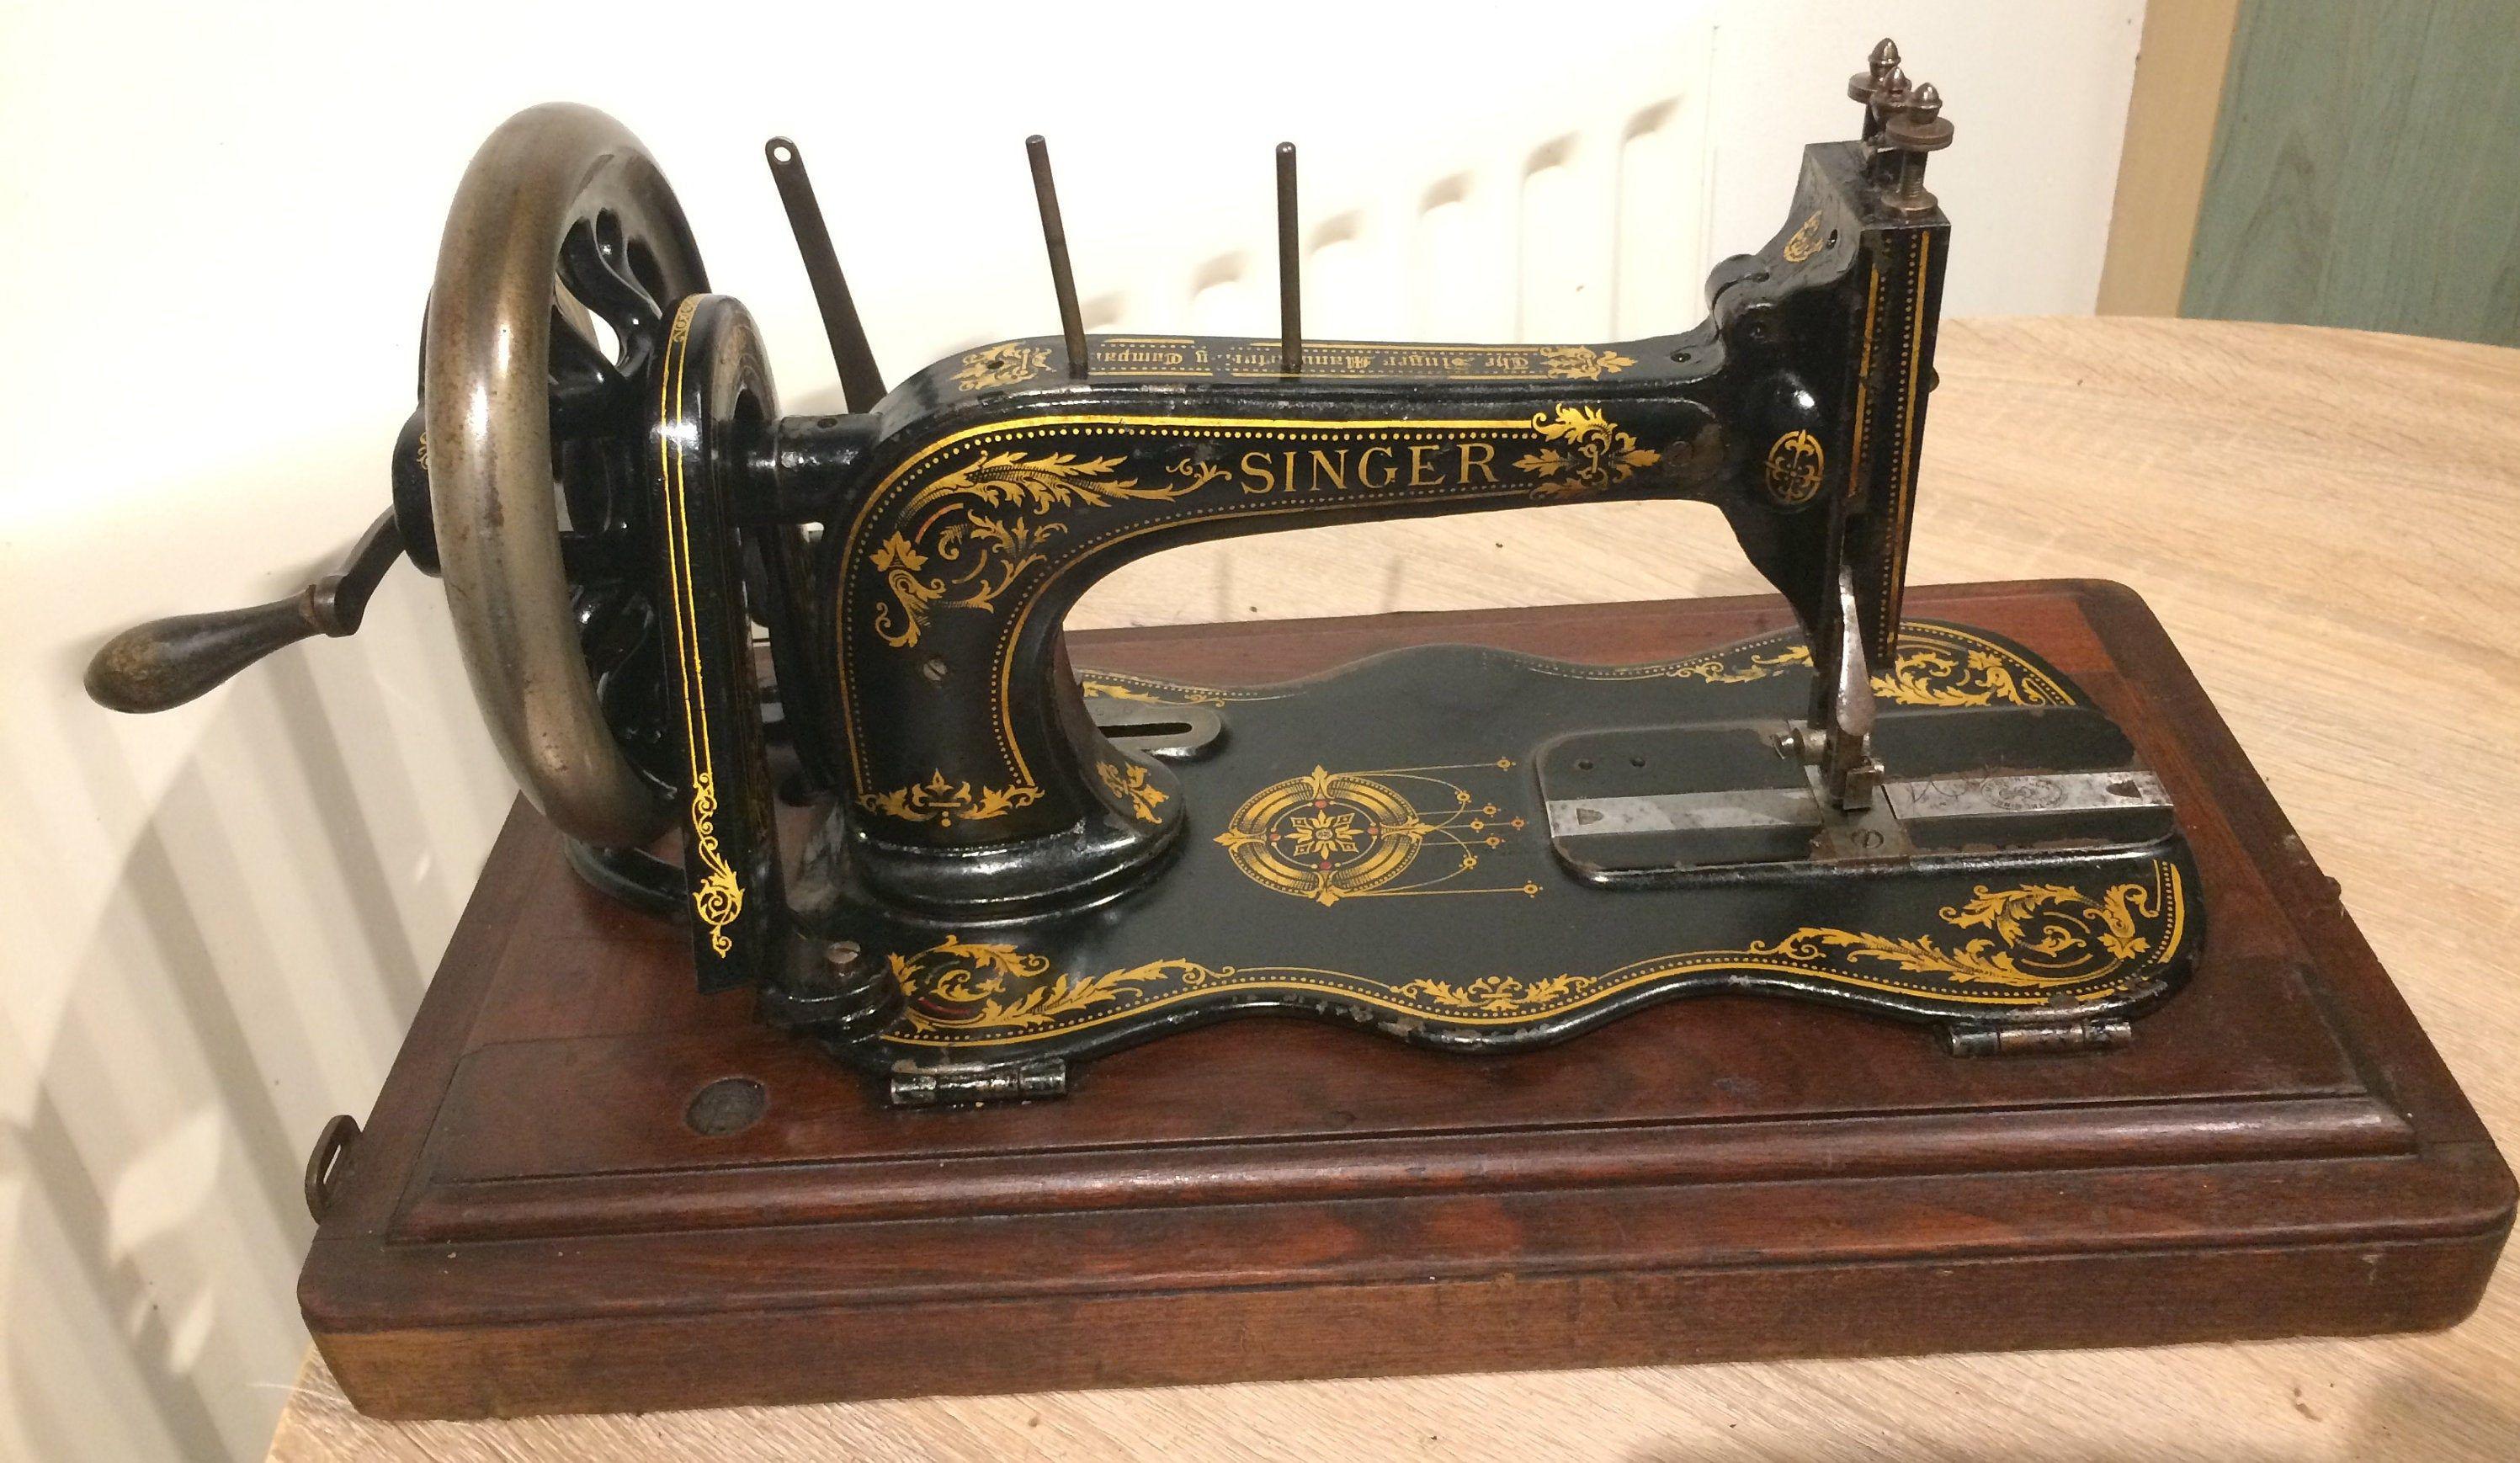 Pin On Sewing Craftsmanship